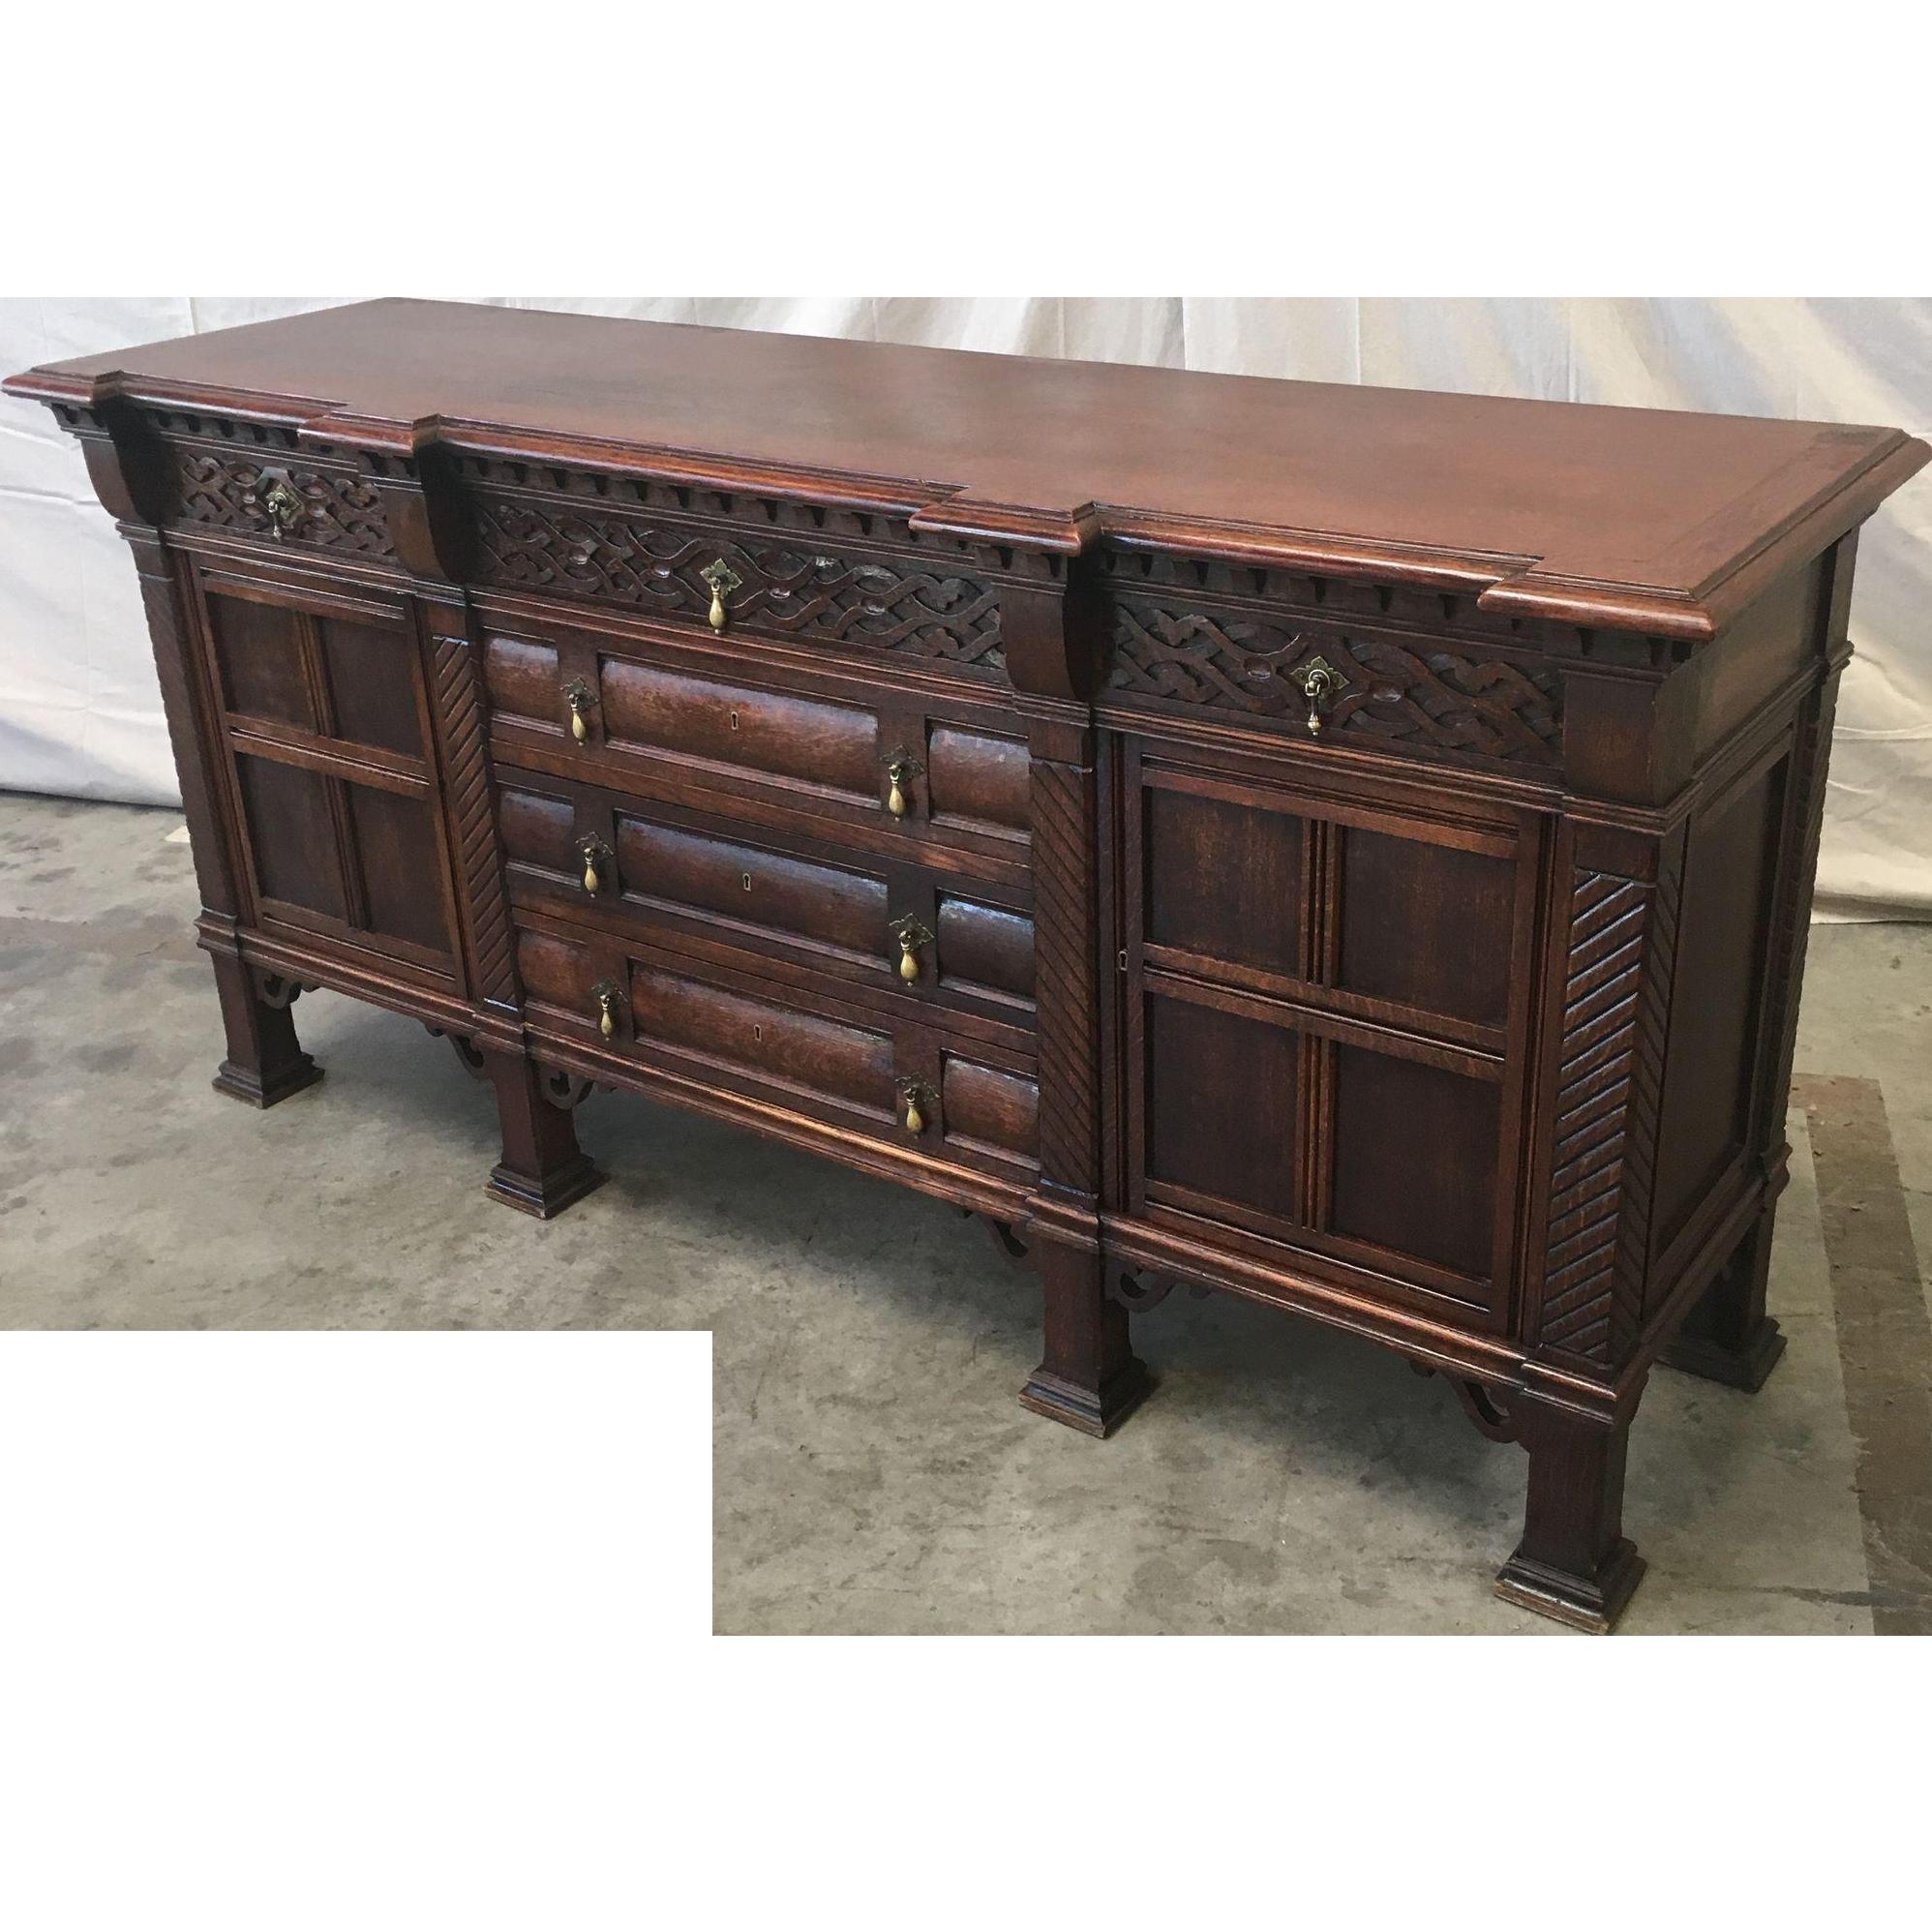 Antique French Carved Oak Sideboard Server